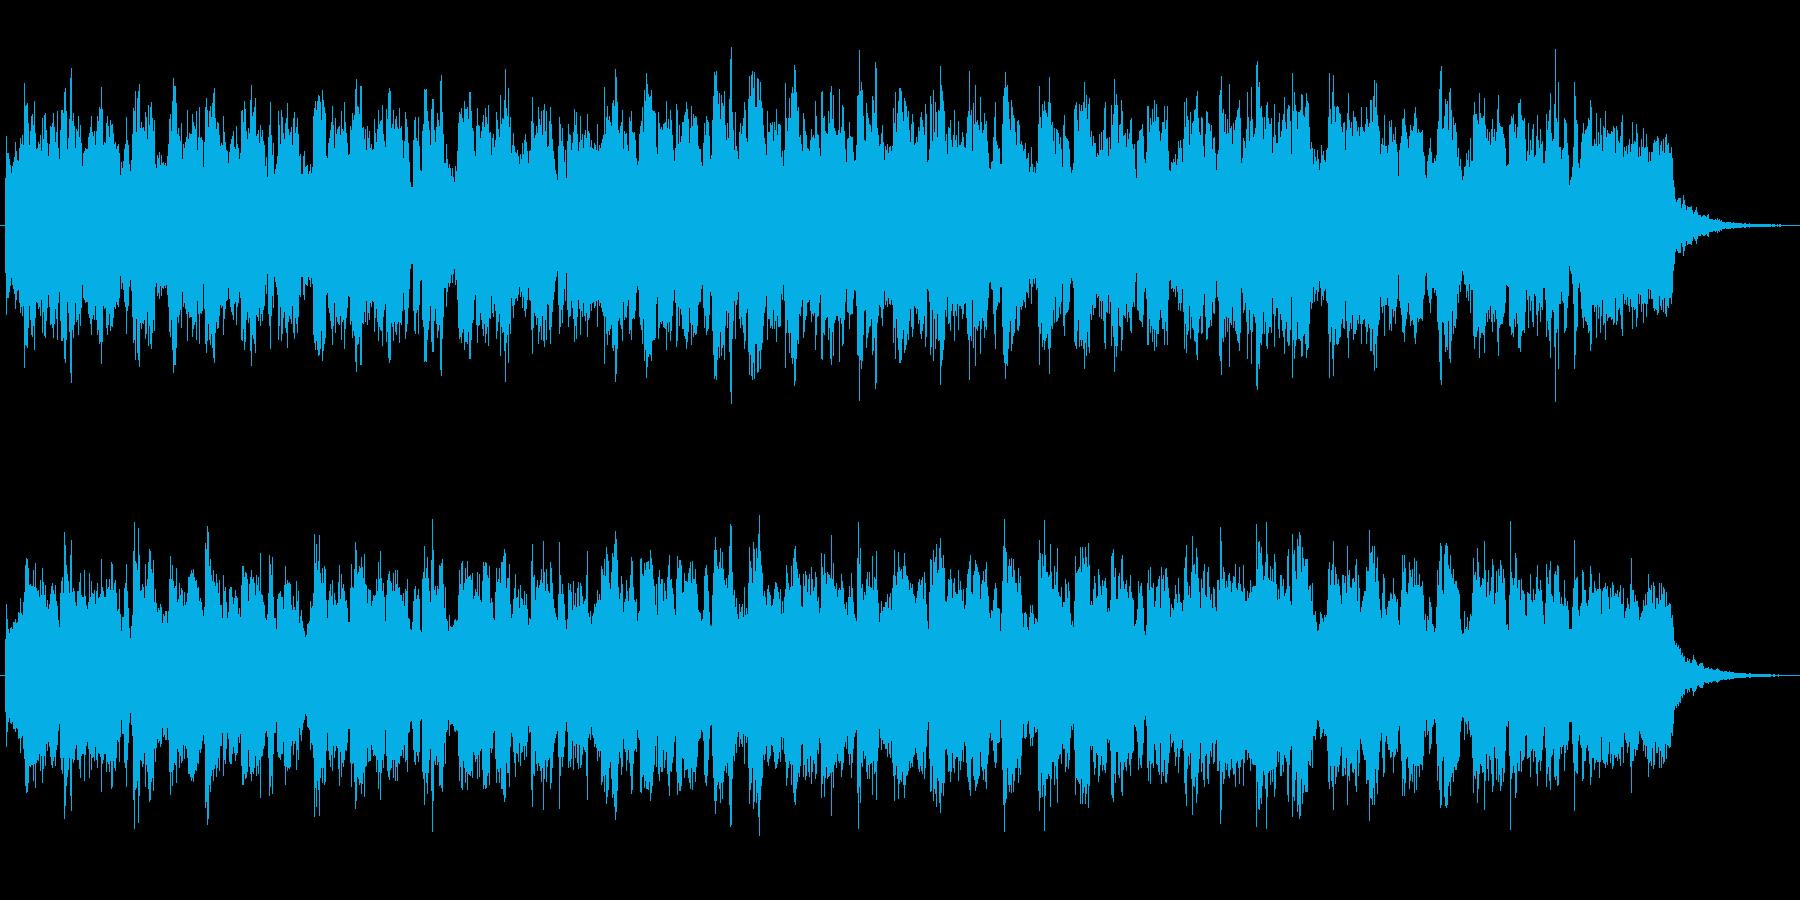 シンセブラスの印象的なプログレ風ジングルの再生済みの波形